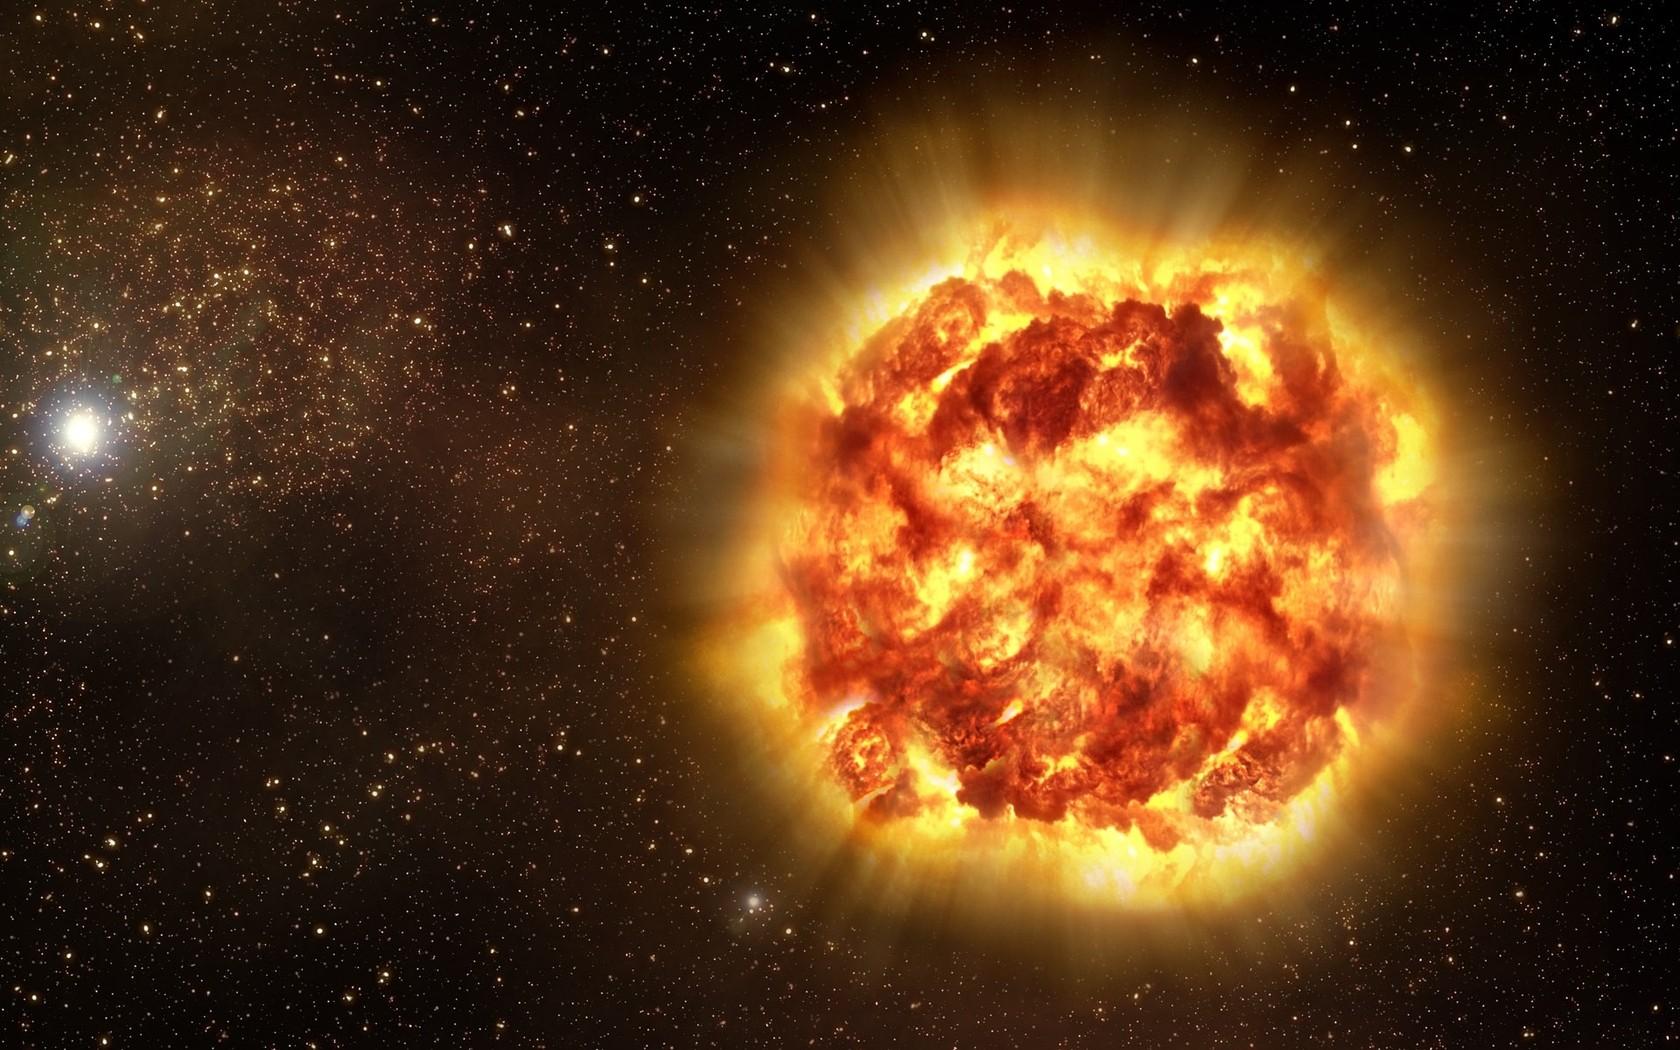 Взрыв 2-х нейронных звезд мог погубить население Земли